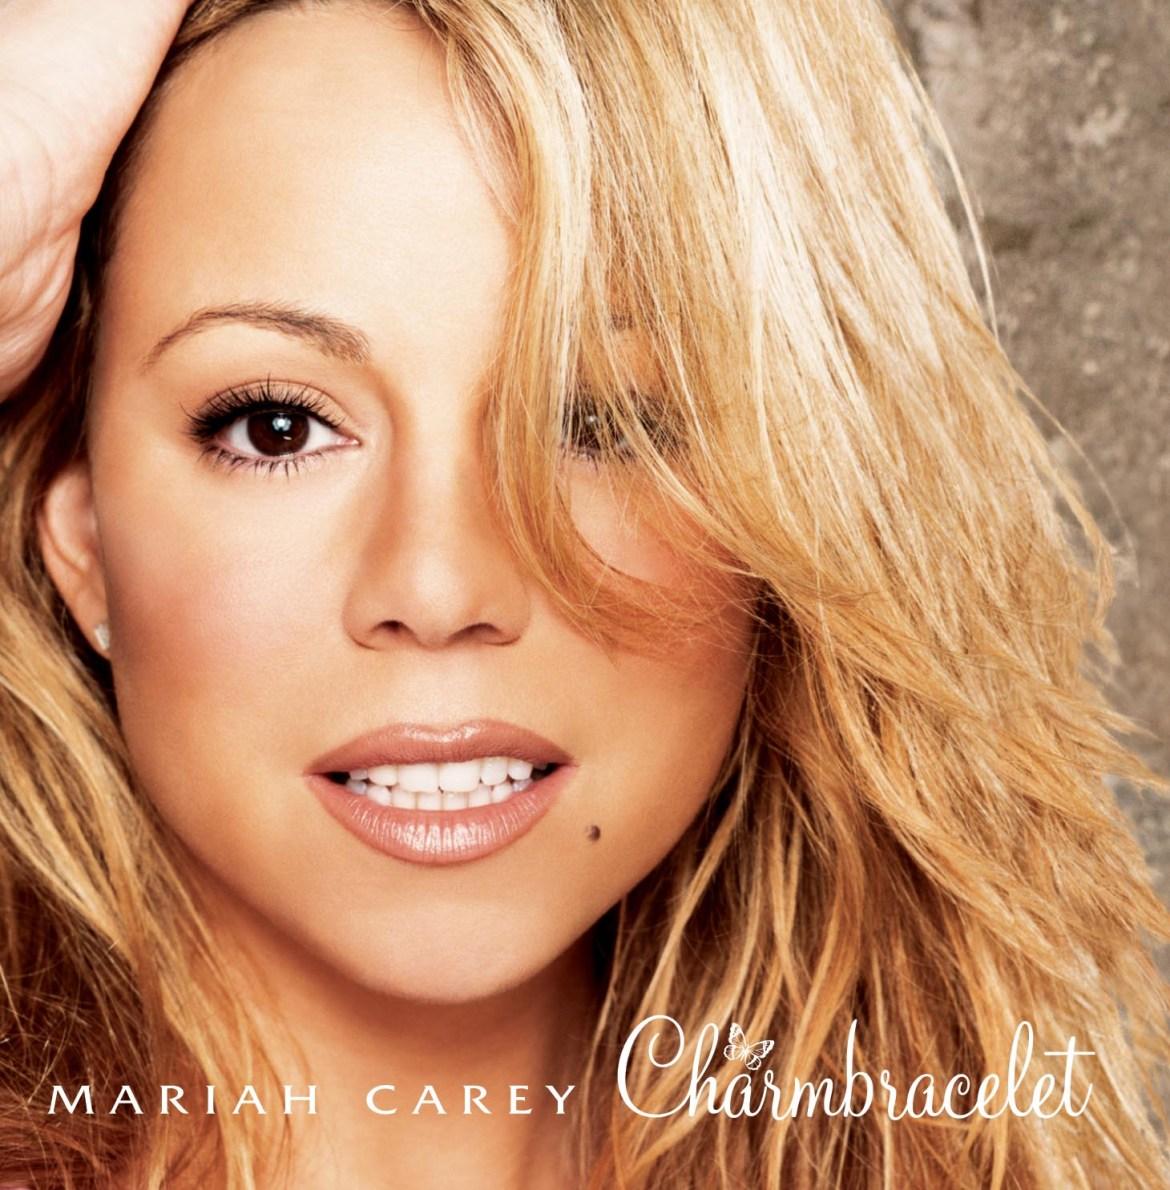 Mariah Carey's Charmbracelet